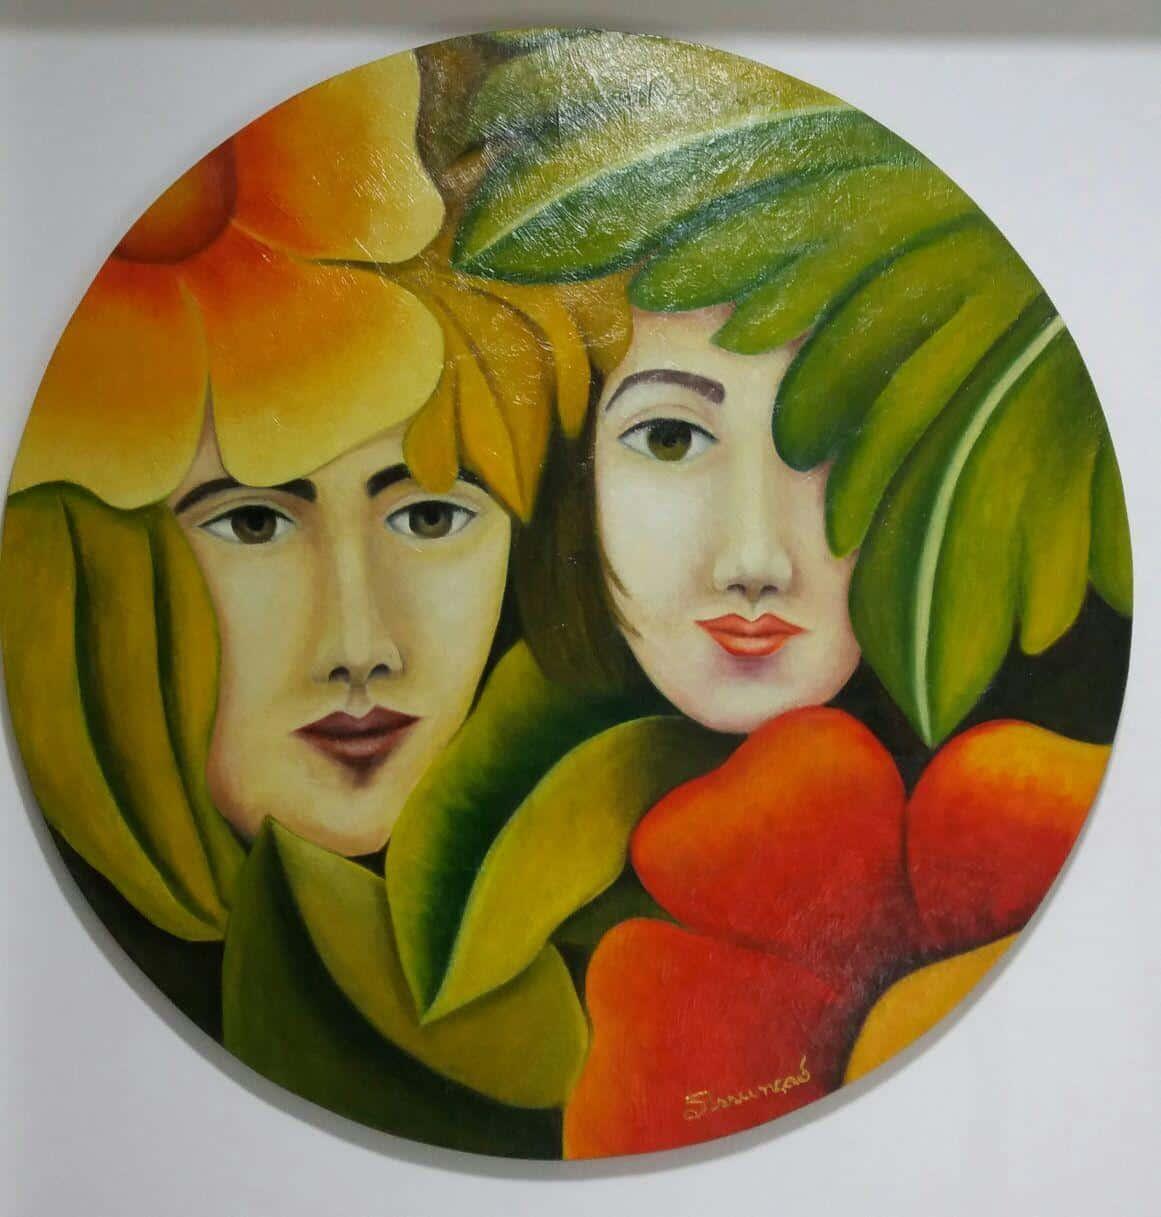 Beta Campello - Dia das Mulheres é lembrado com arte no Recife